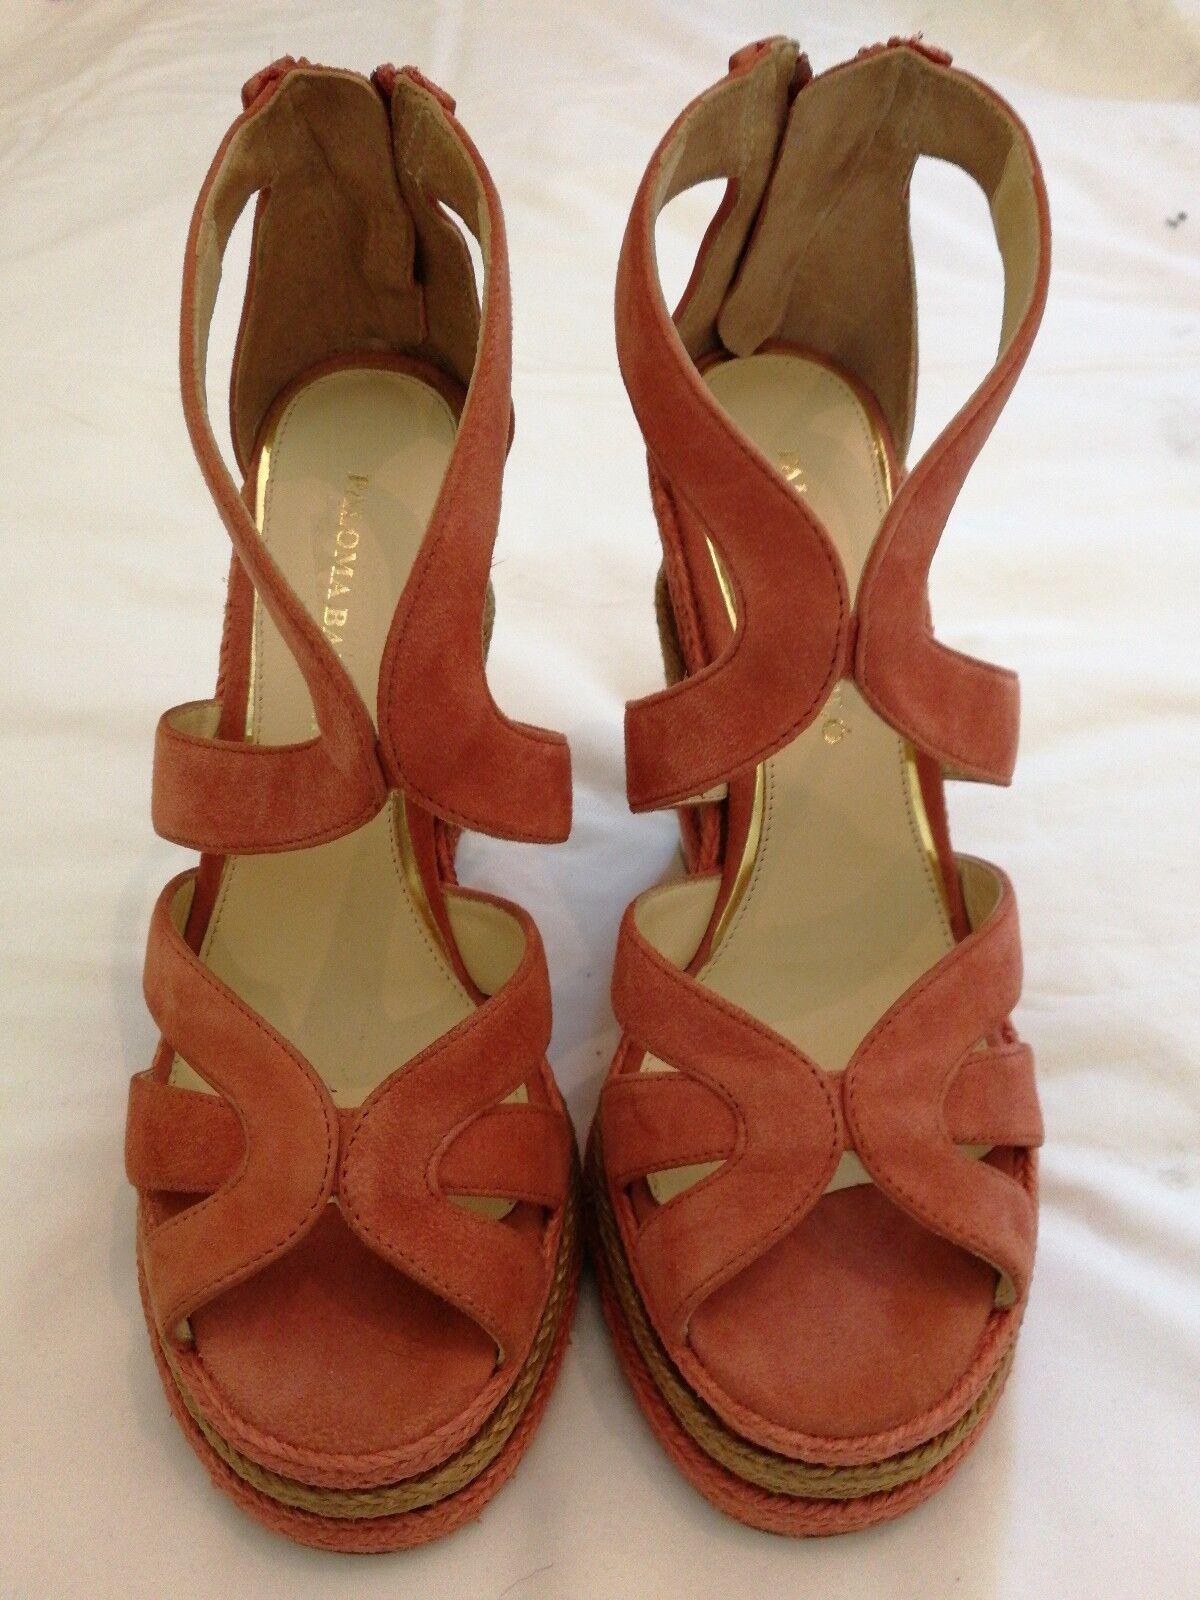 Paloma Barcelo Suede Suede Suede Wedge Heels Espadrilles Sandal Shoes Pink eu 37 e46e5e